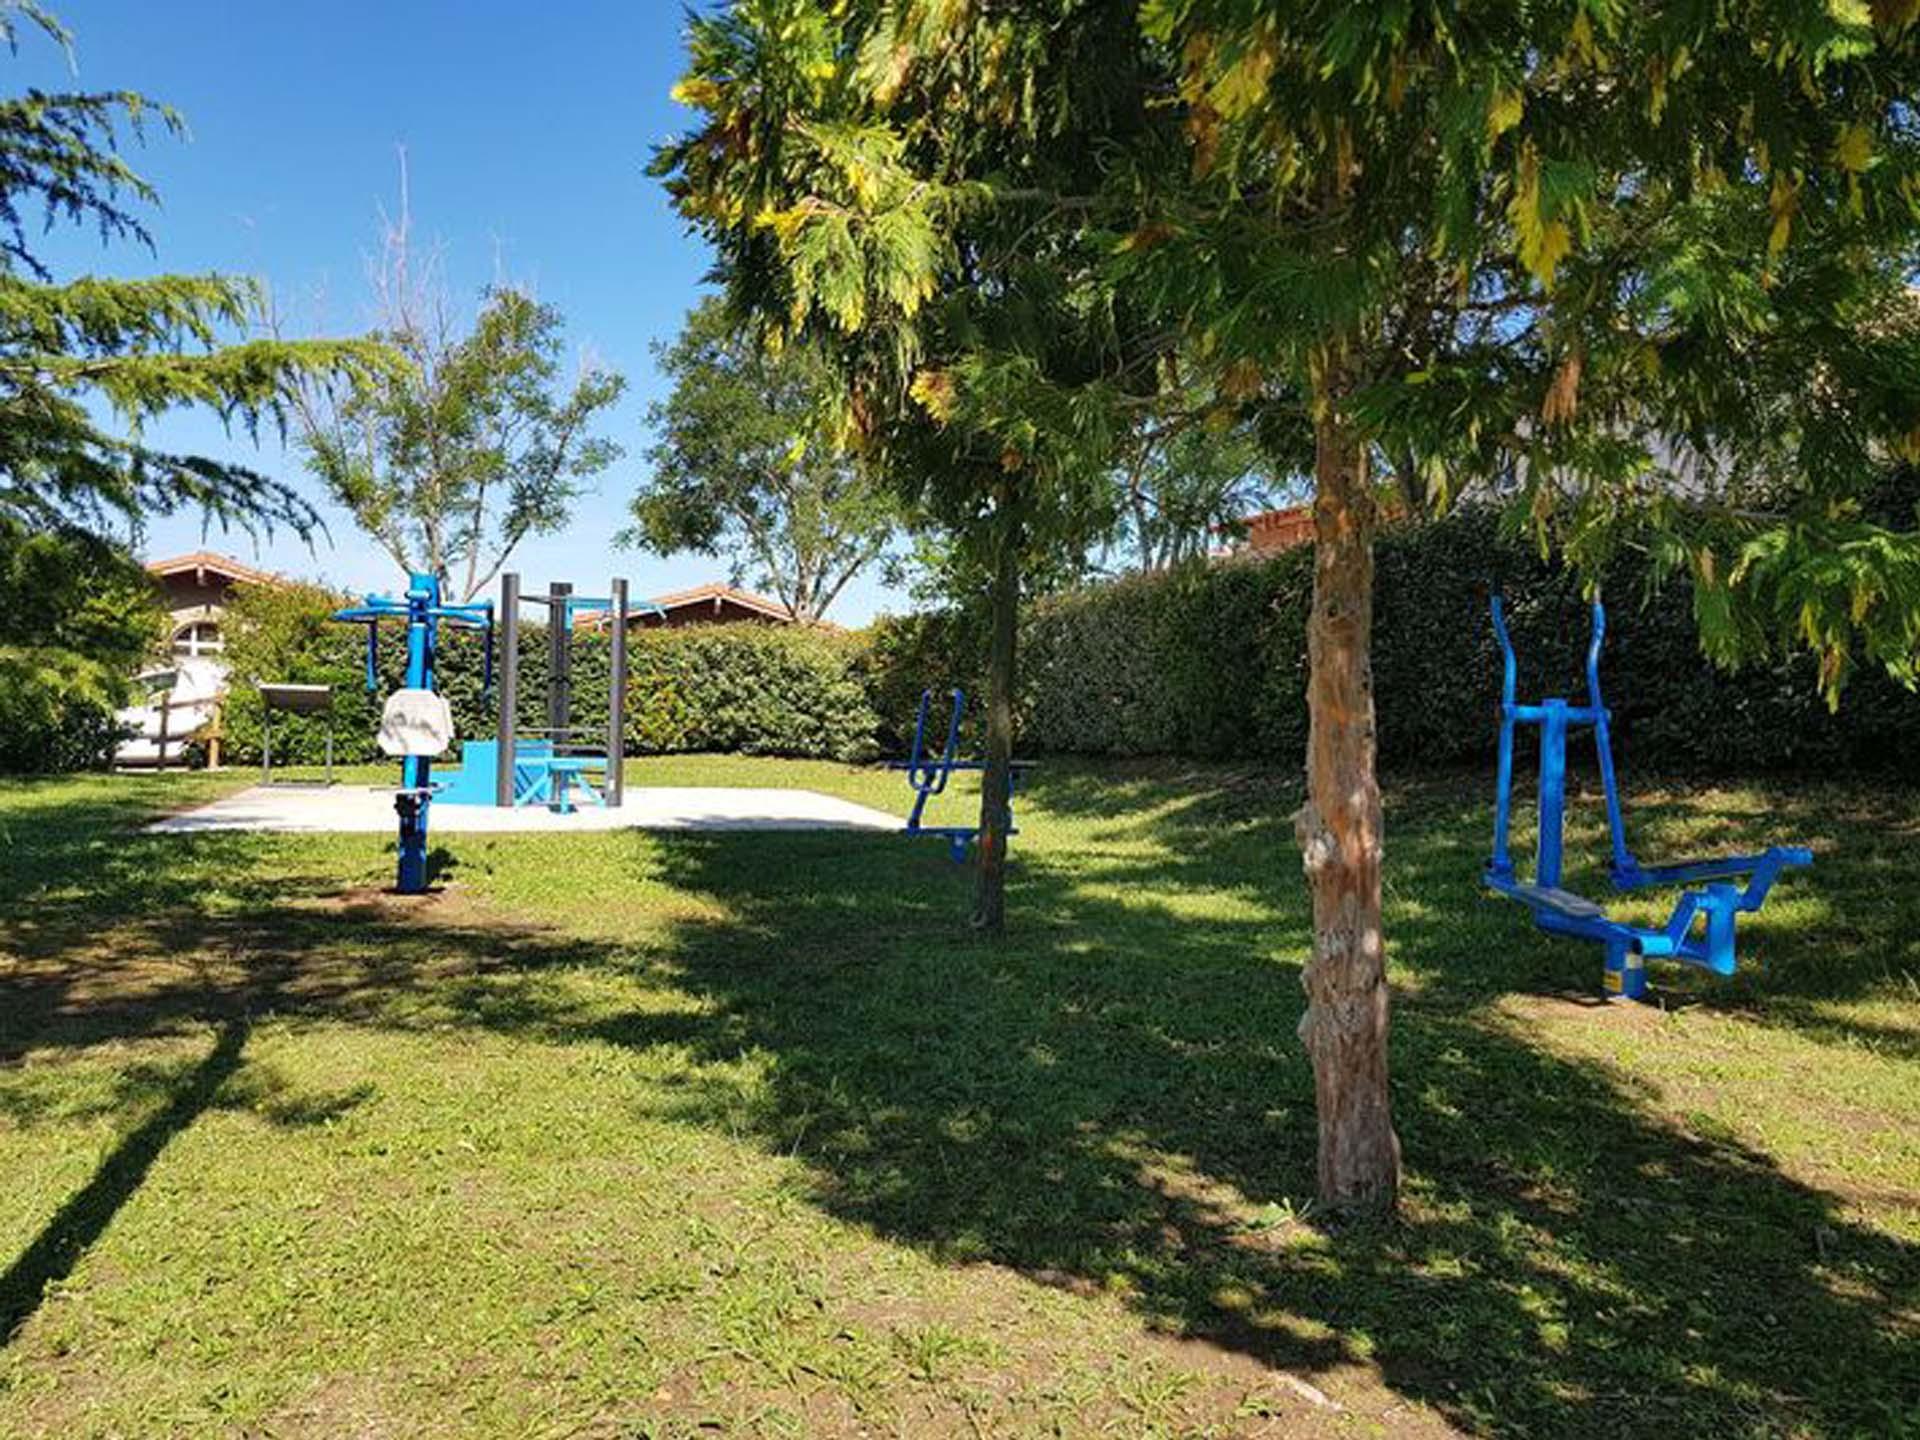 Photo des équipements sportifs de plein air de Meyreuil